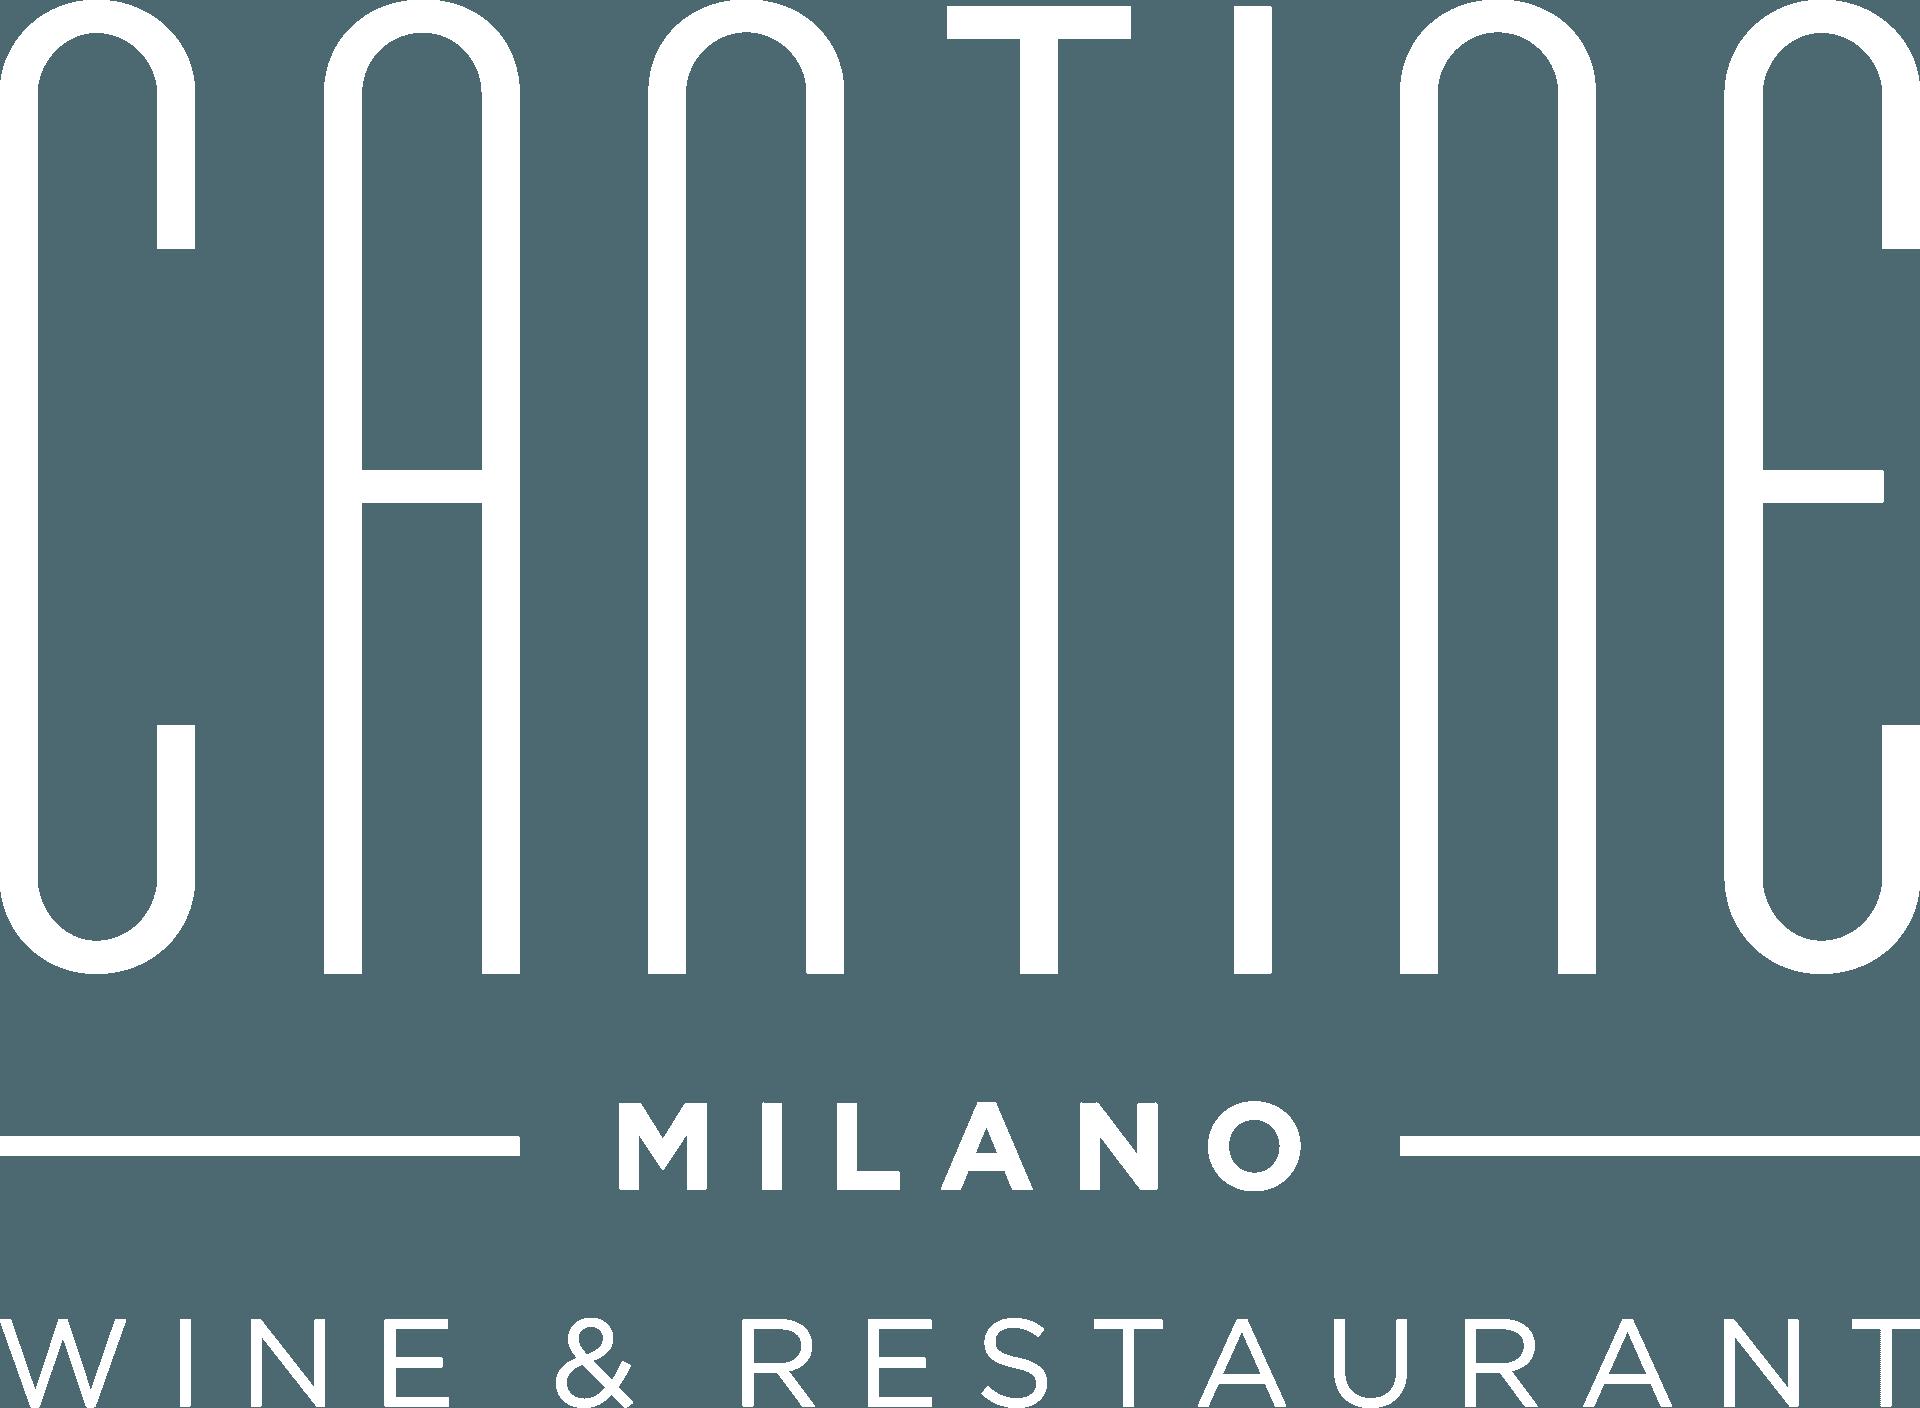 Ristoranti-Cantine-Milano-LOGO